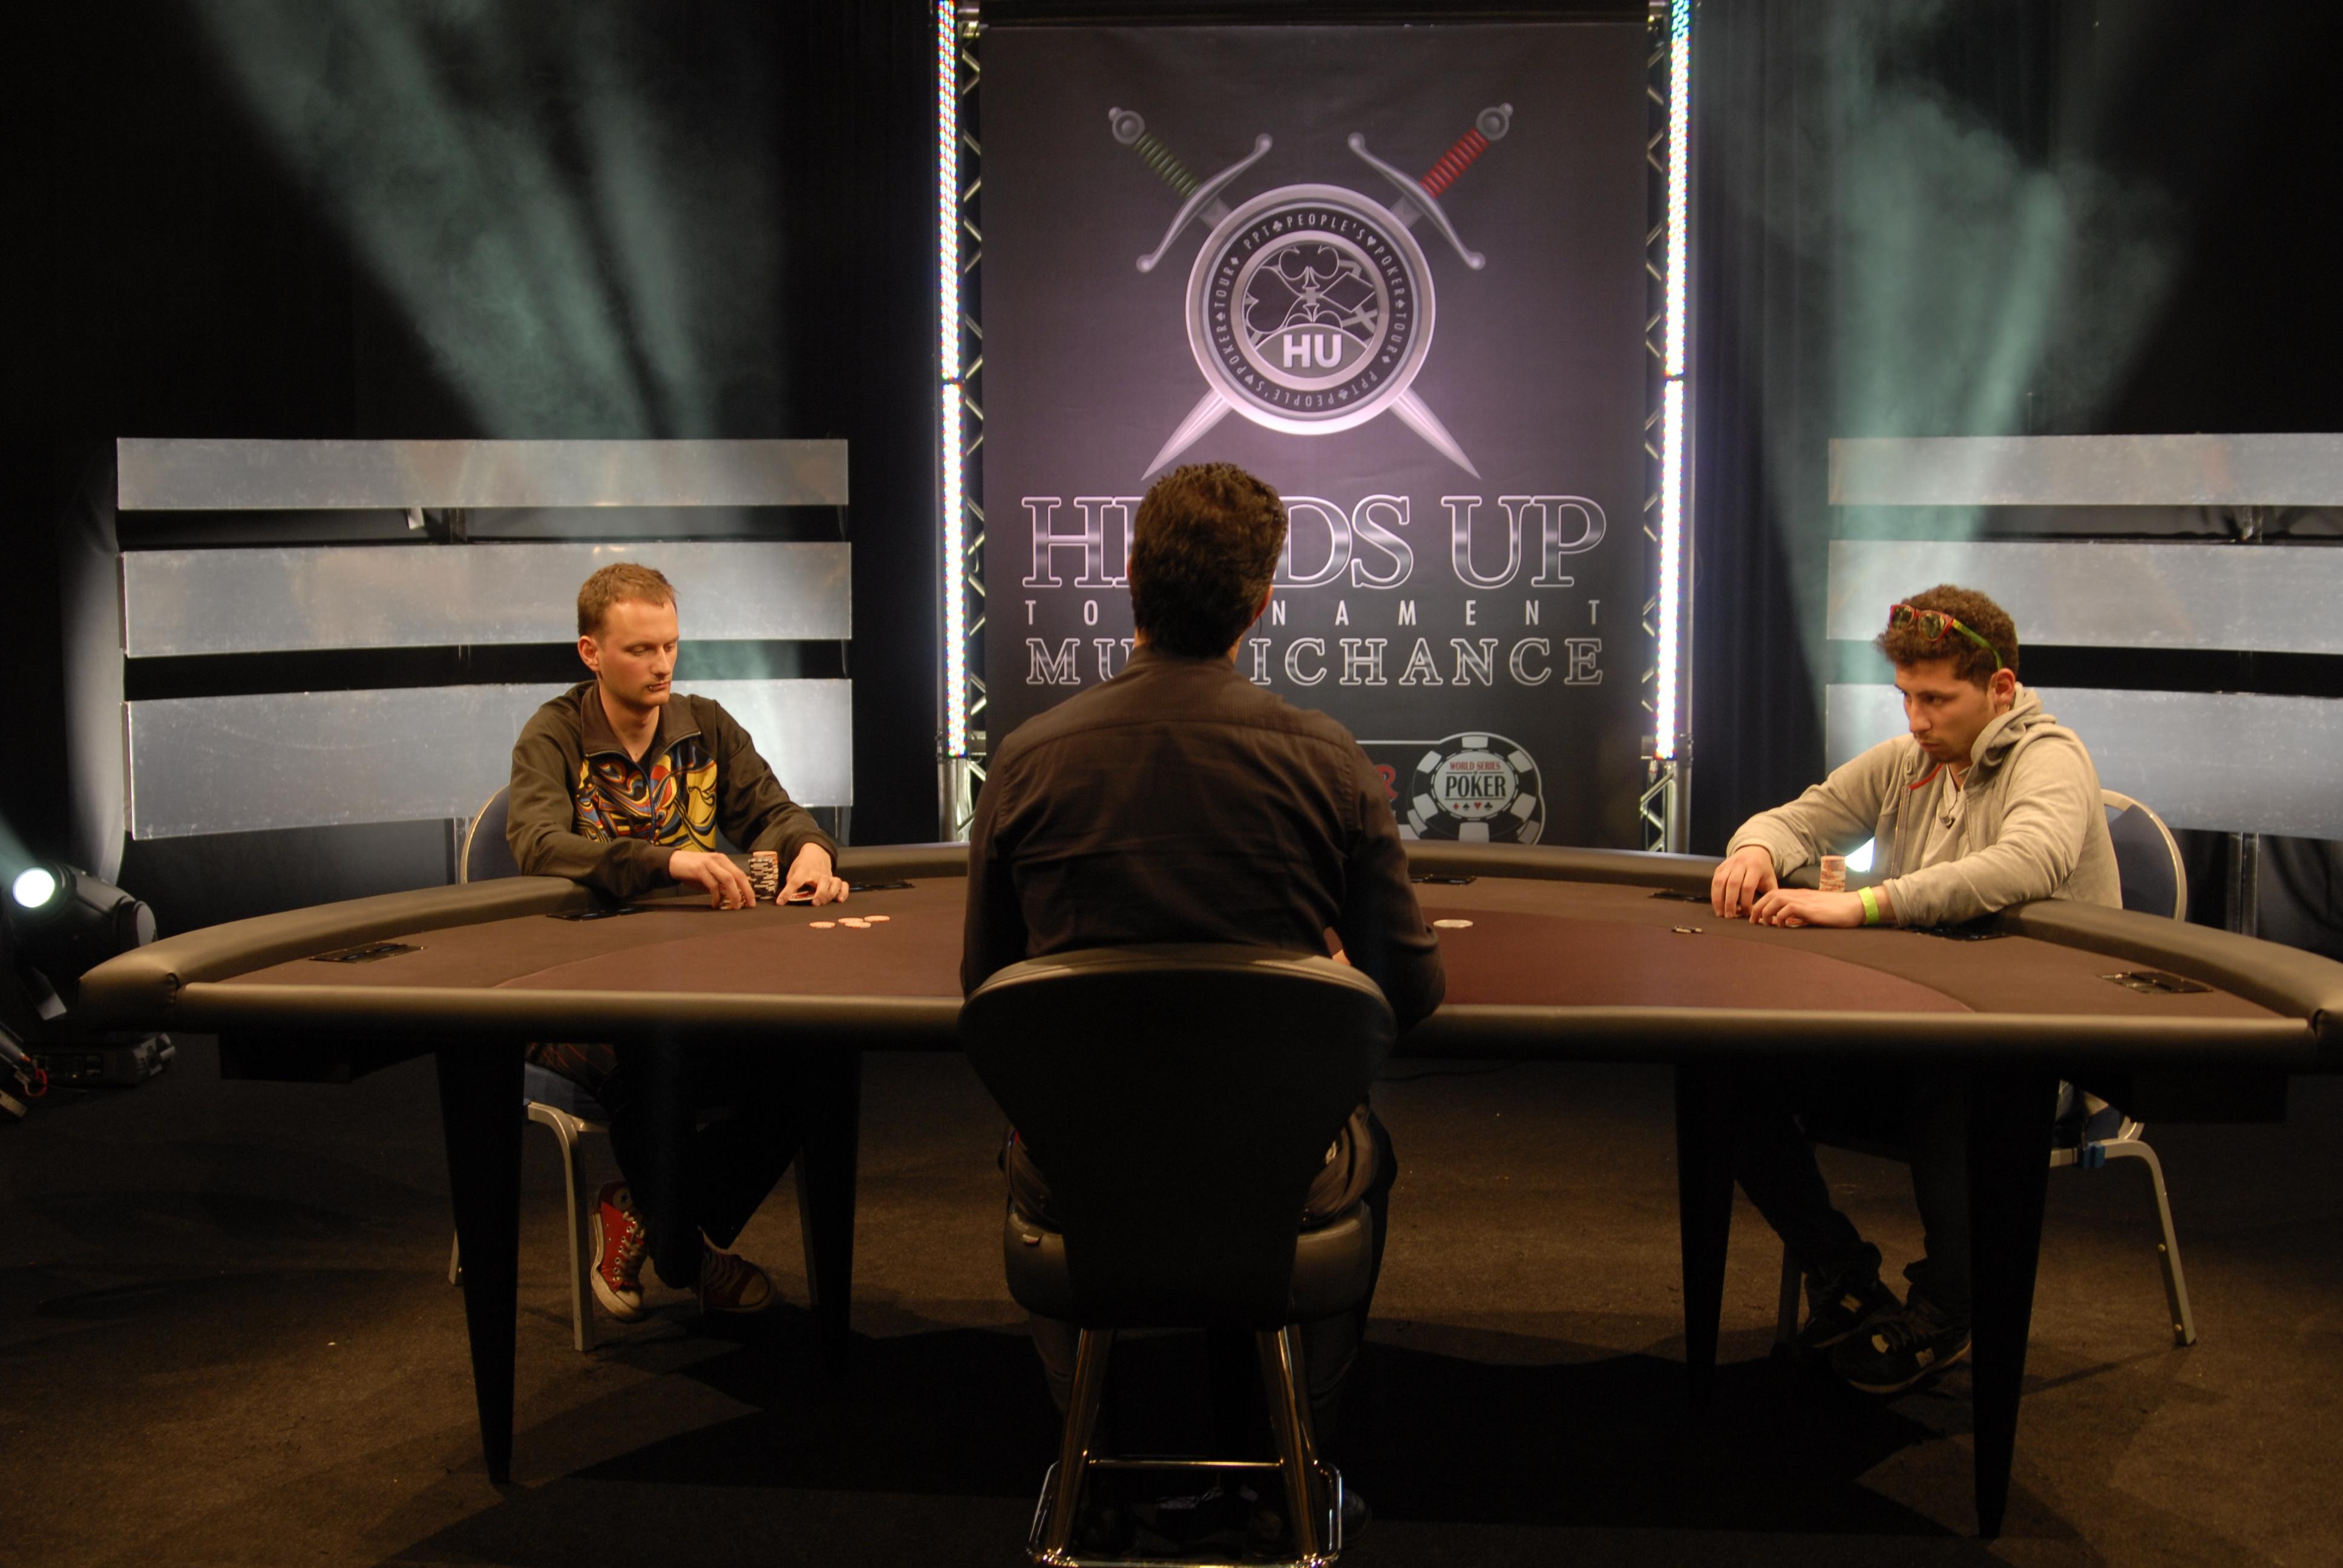 Appuntamento a domani con le finalissime Heads up e WSOP Event